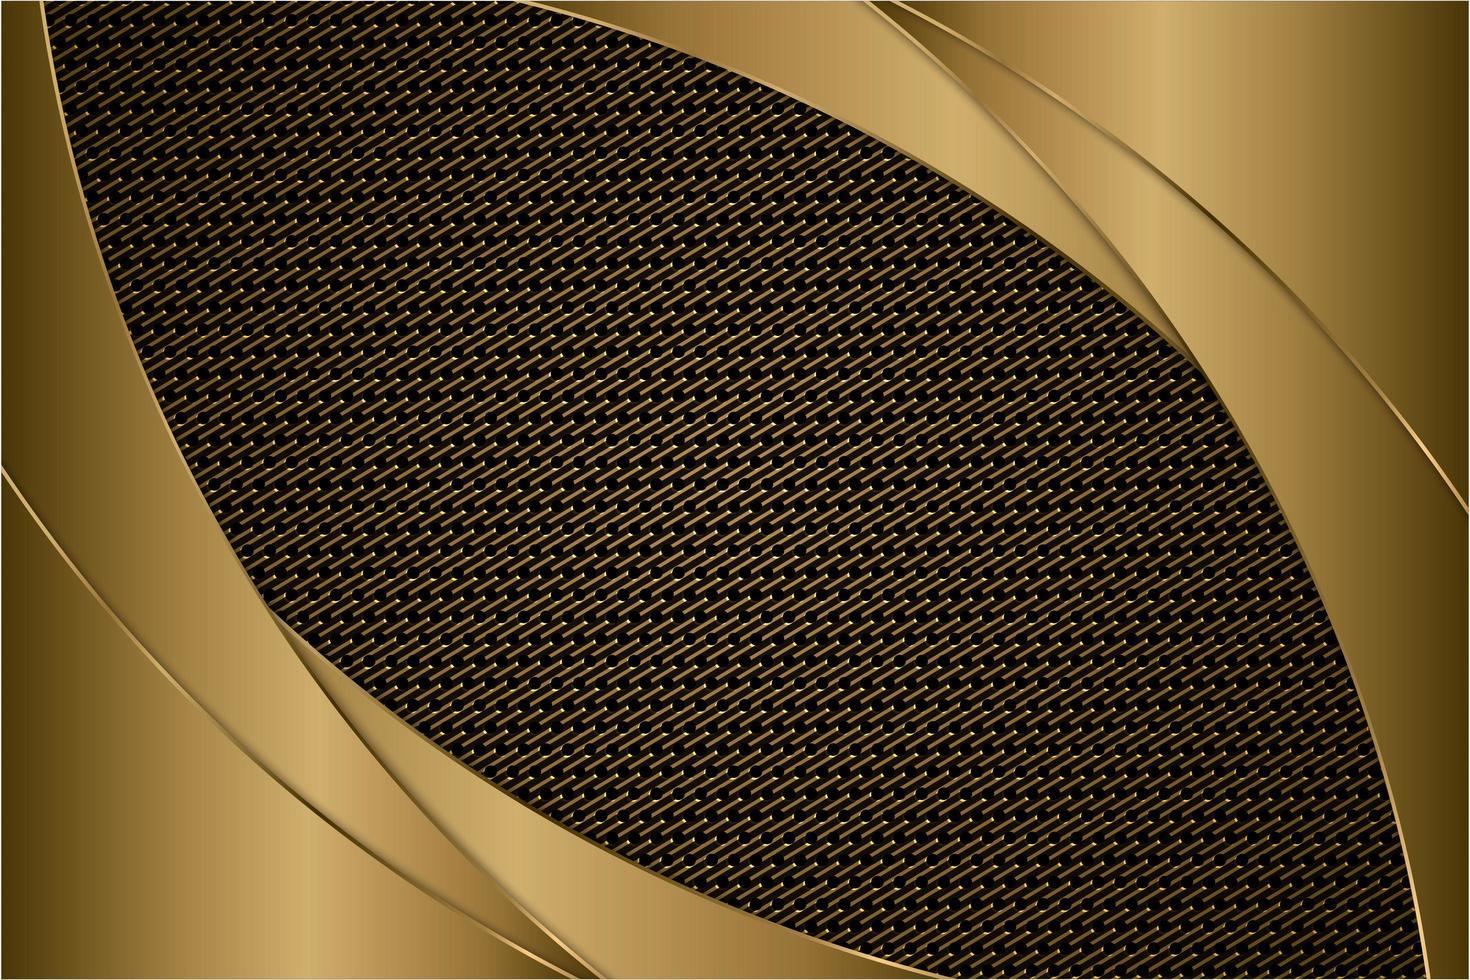 panneaux incurvés en or métallique avec texture en fibre de carbone vecteur